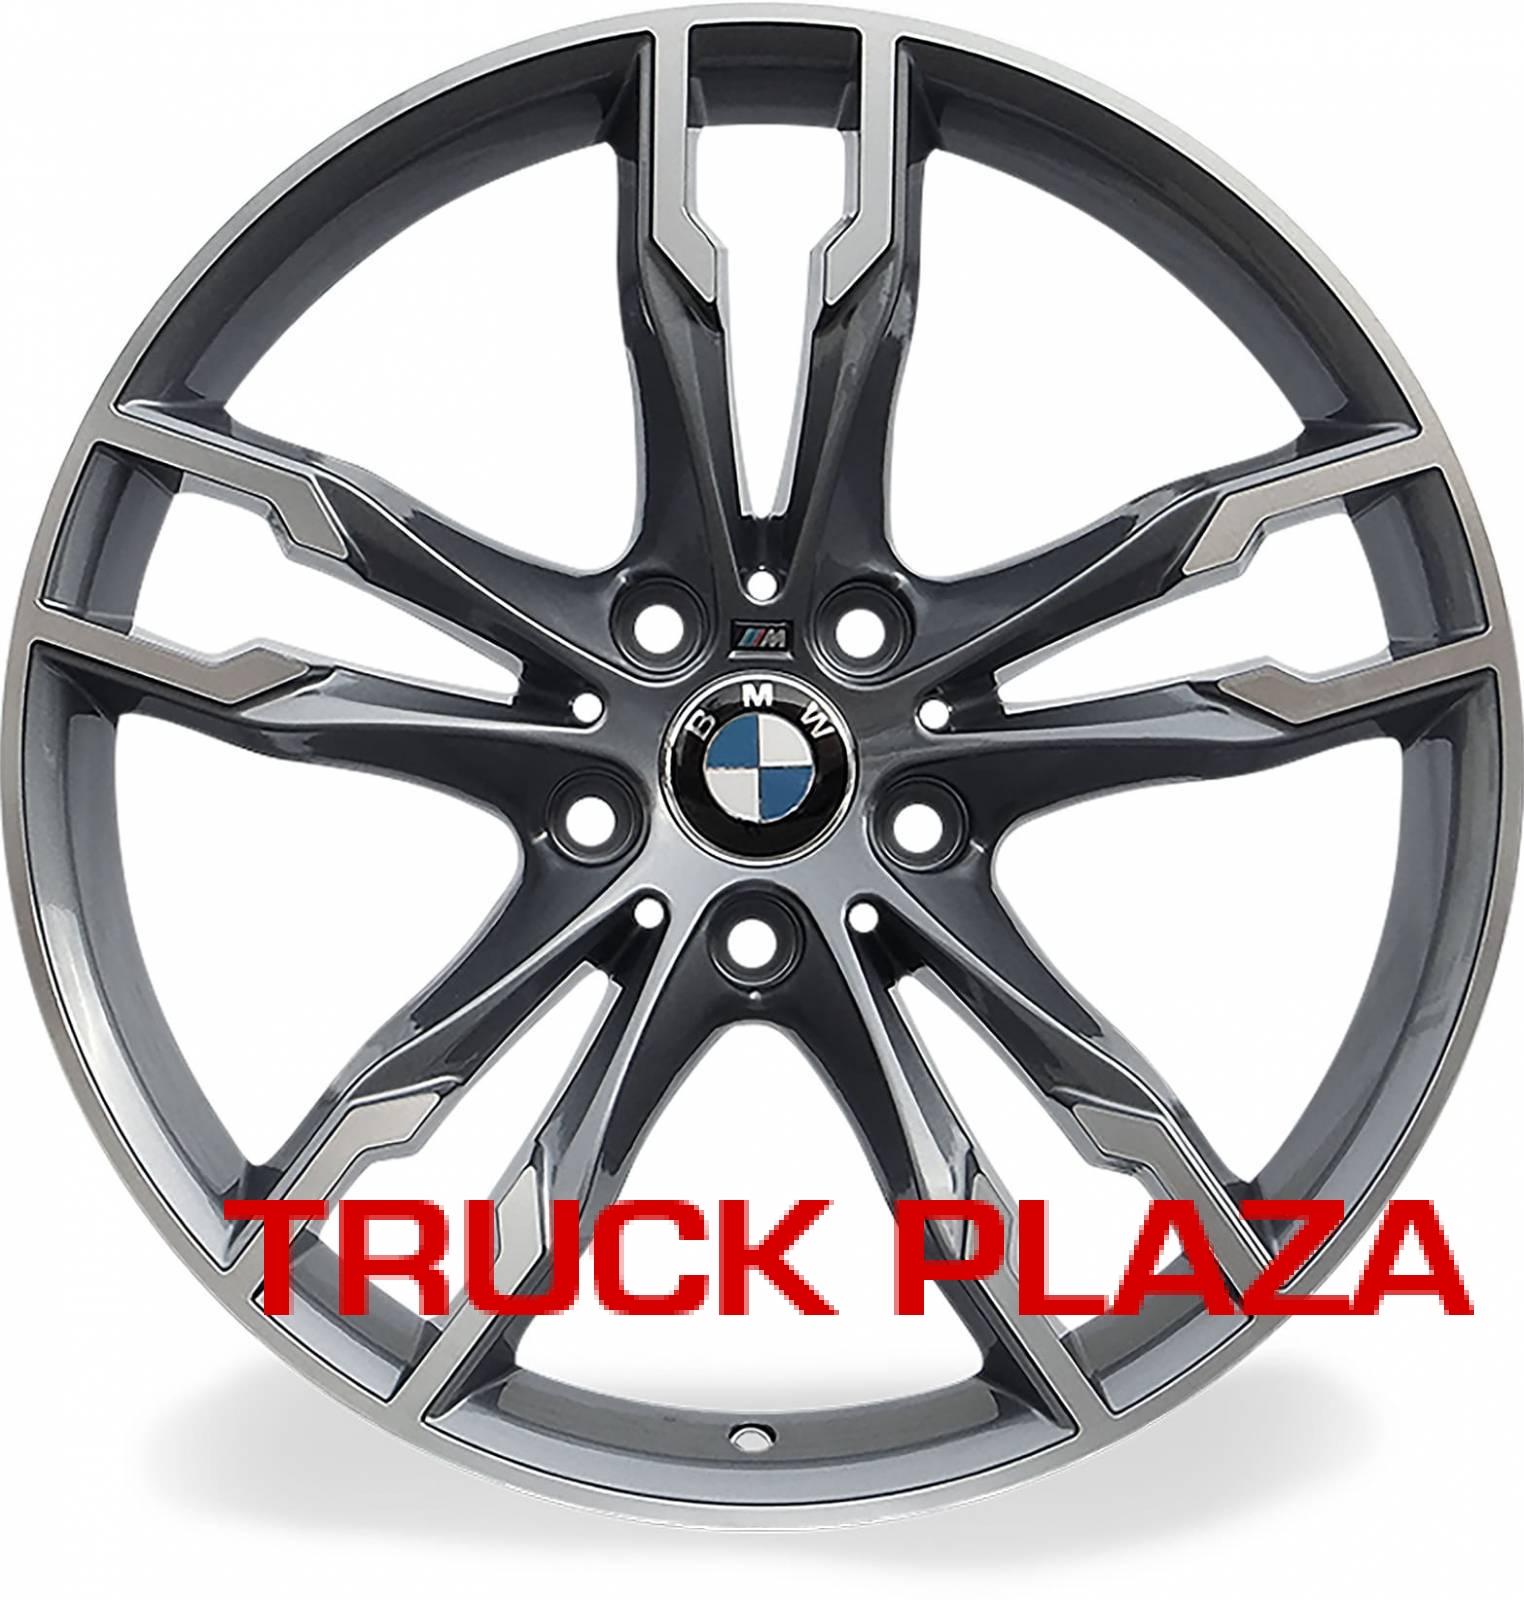 Jogo de 04 Rodas BMW 535M aro 20x8,5 5x120 et35 GD